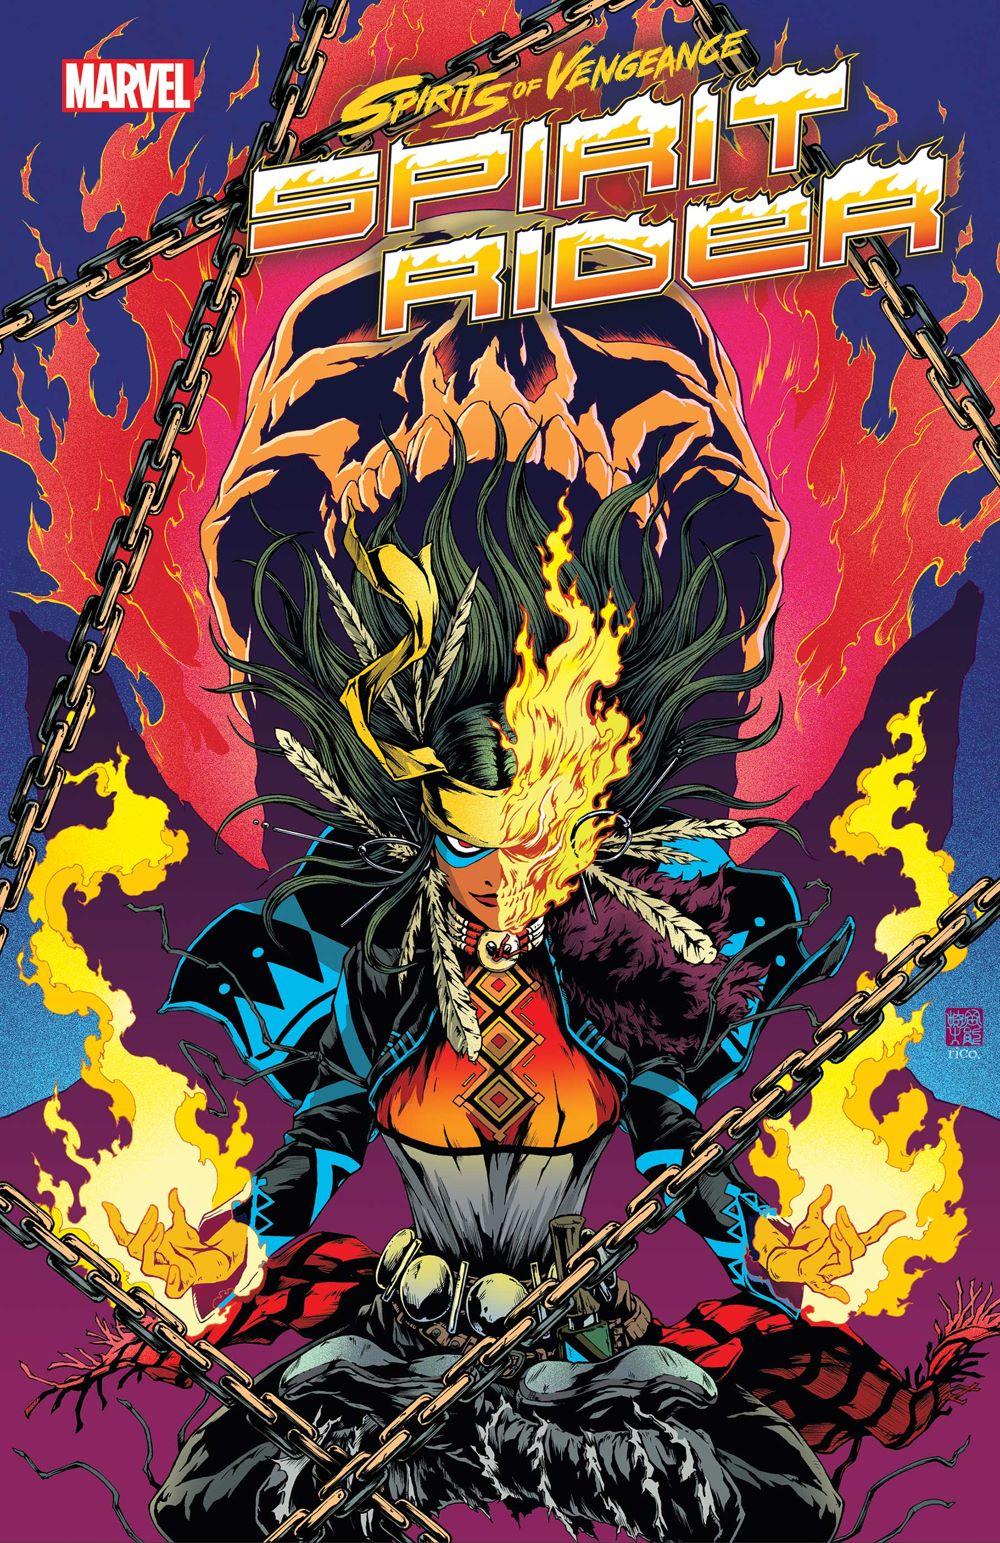 SOVSPRIDER2021001_cvr Marvel Comics August 2021 Solicitations